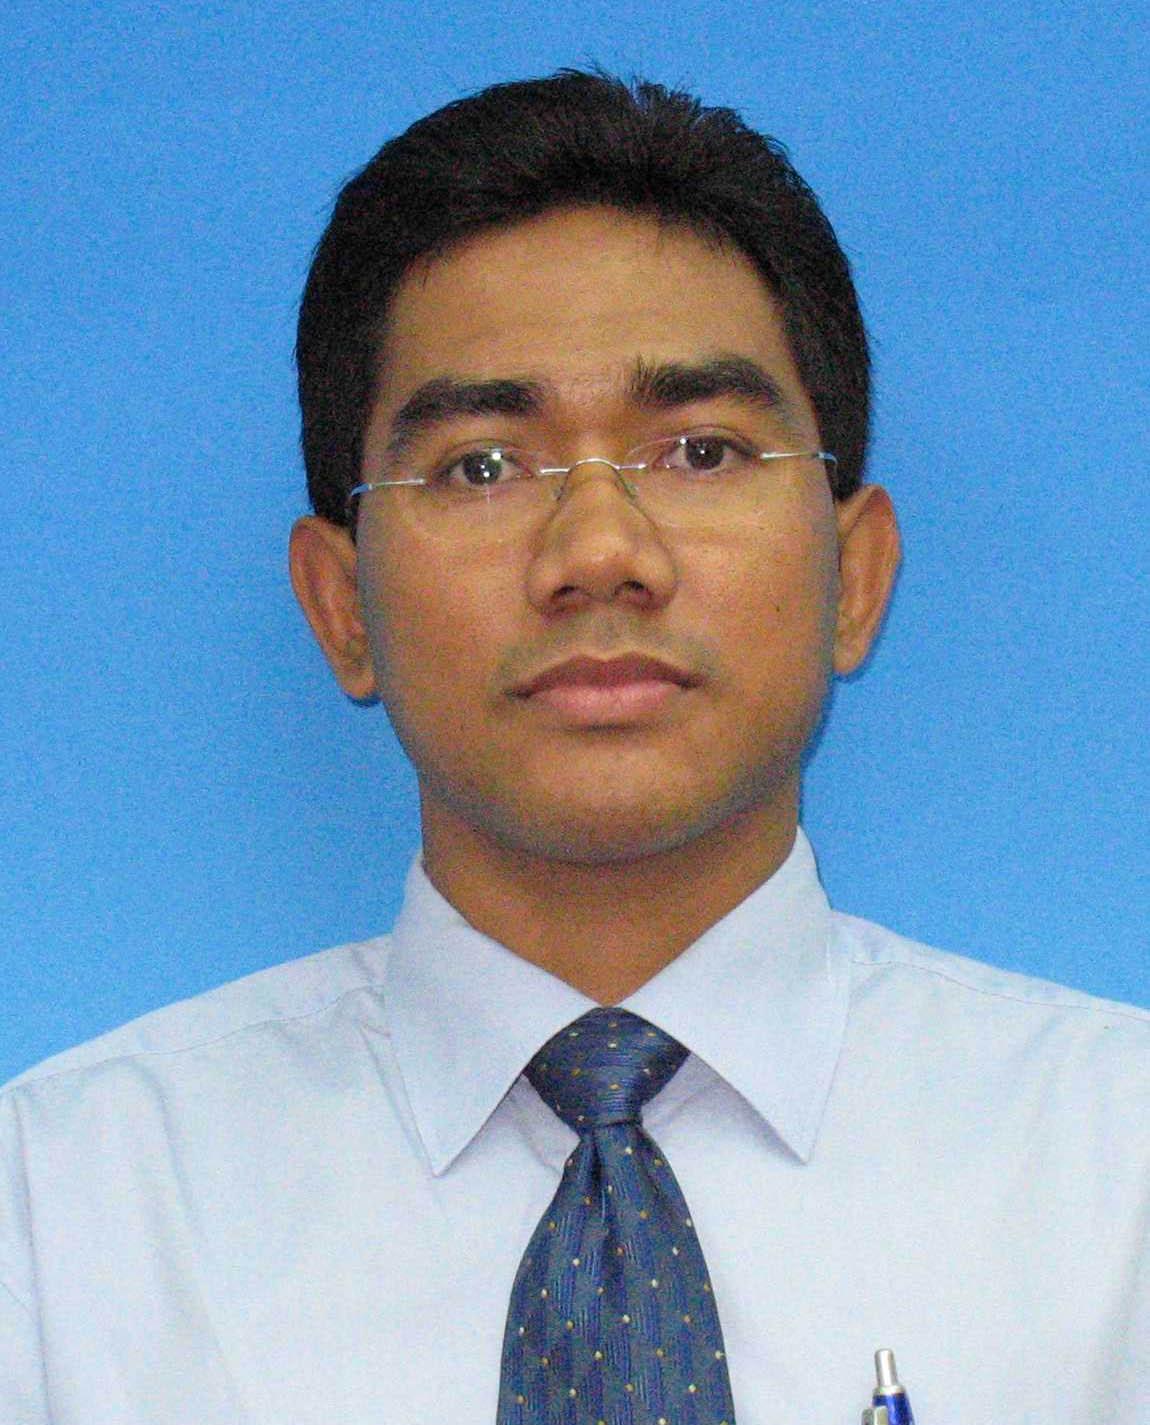 Iswan Zuraidi Bin Zainol